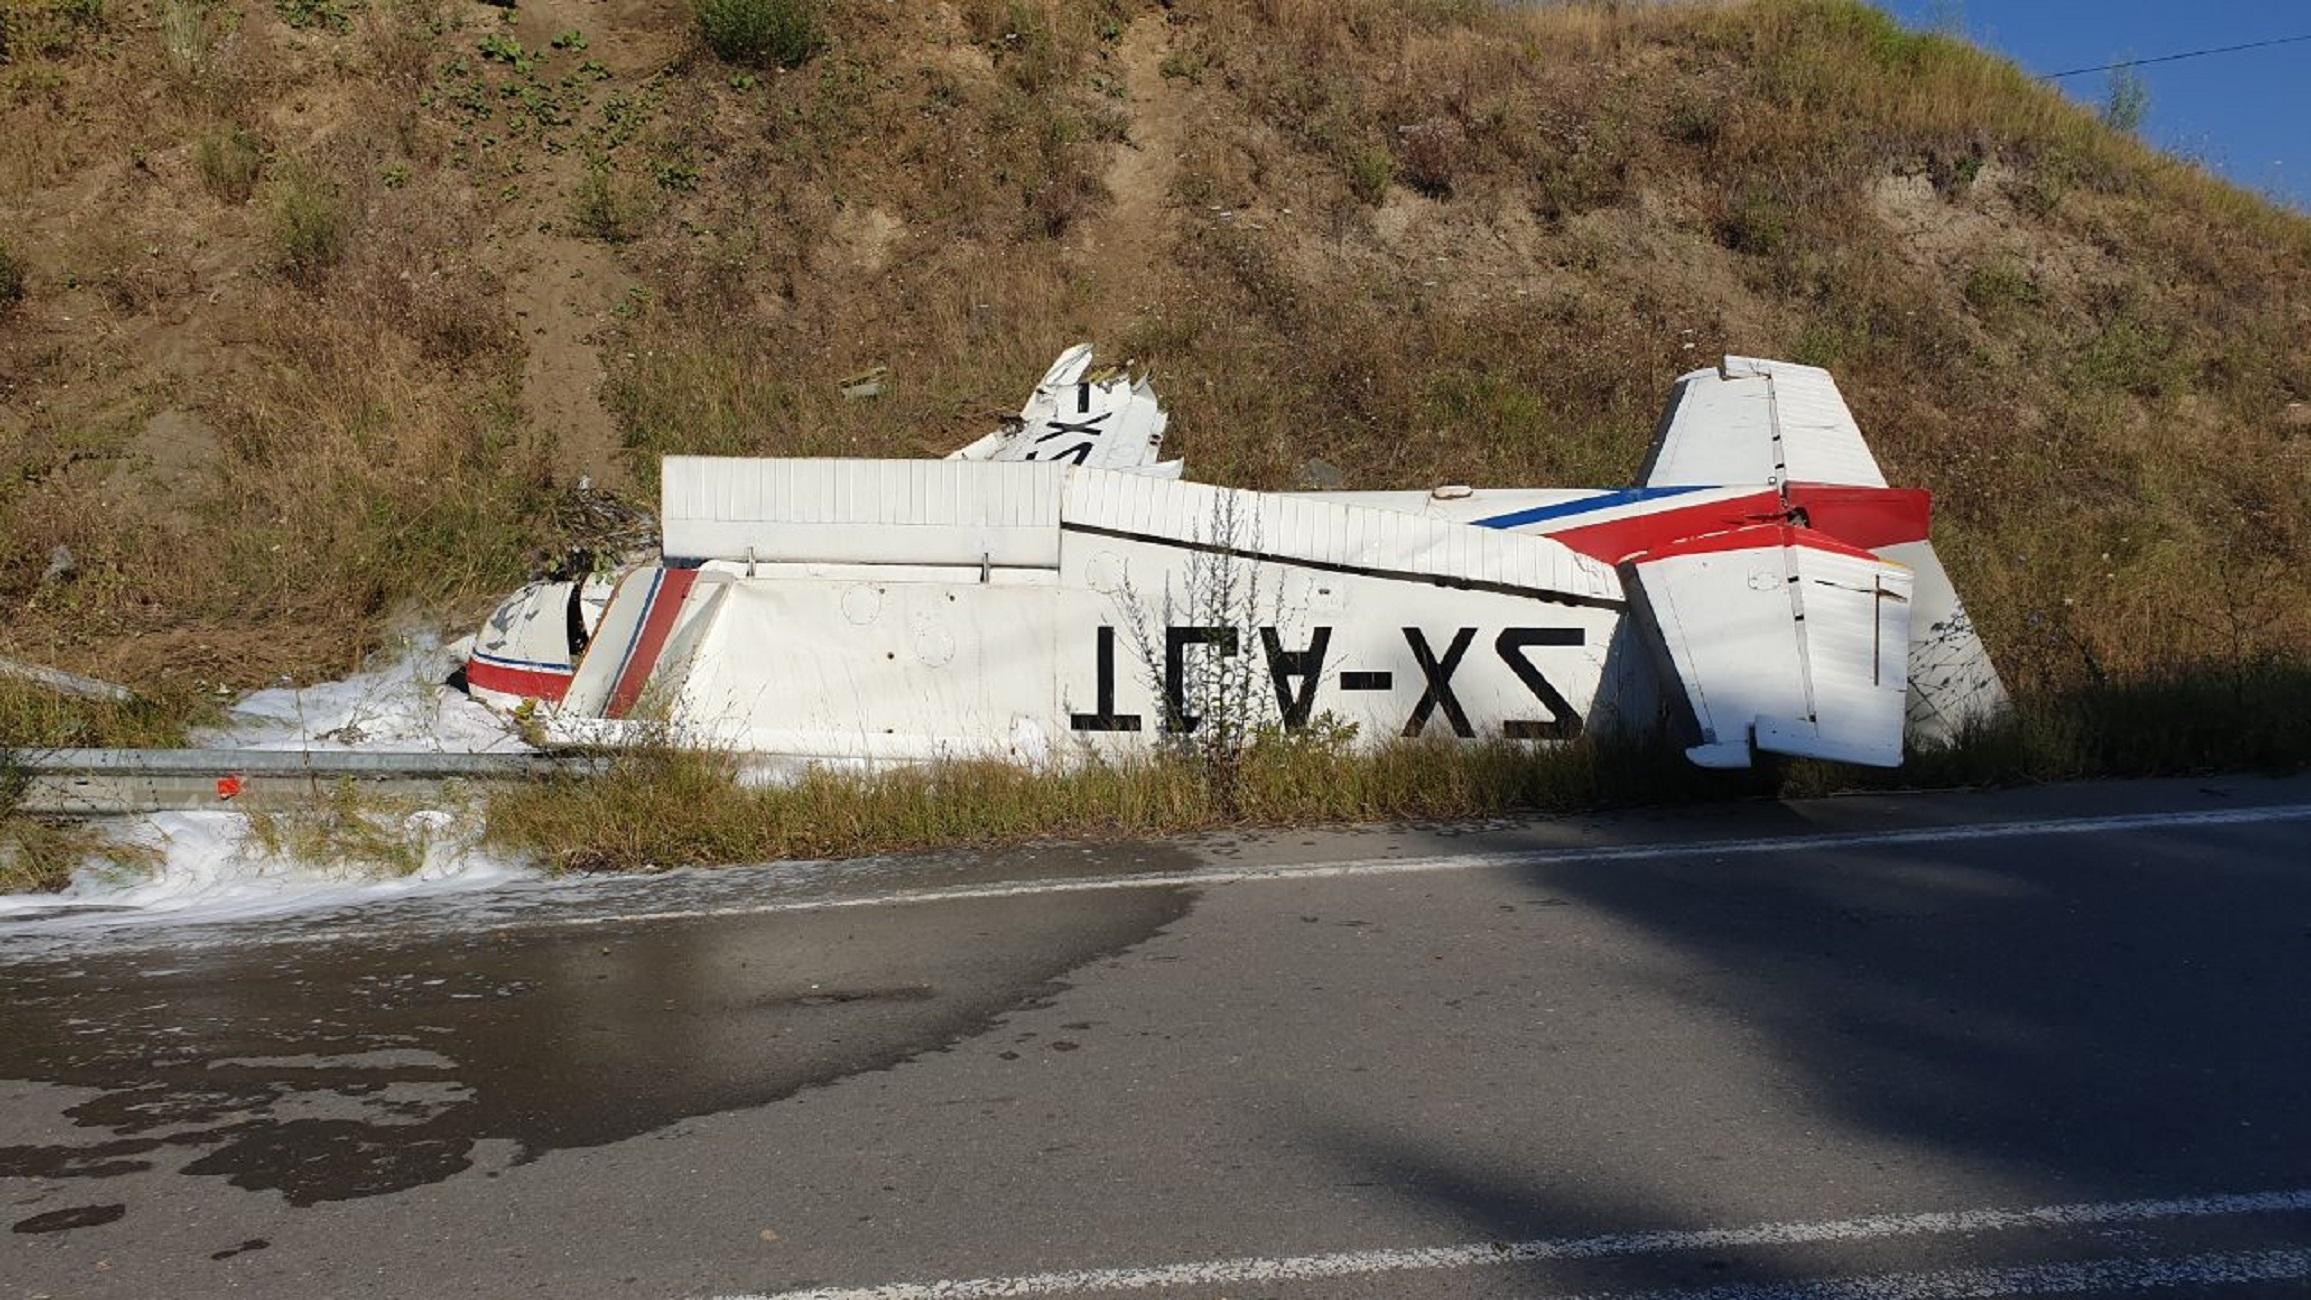 Γρεβενά: Τυχεροί στην ατυχία τους οι τρεις τραυματίες από την αναγκαστική προσγείωση